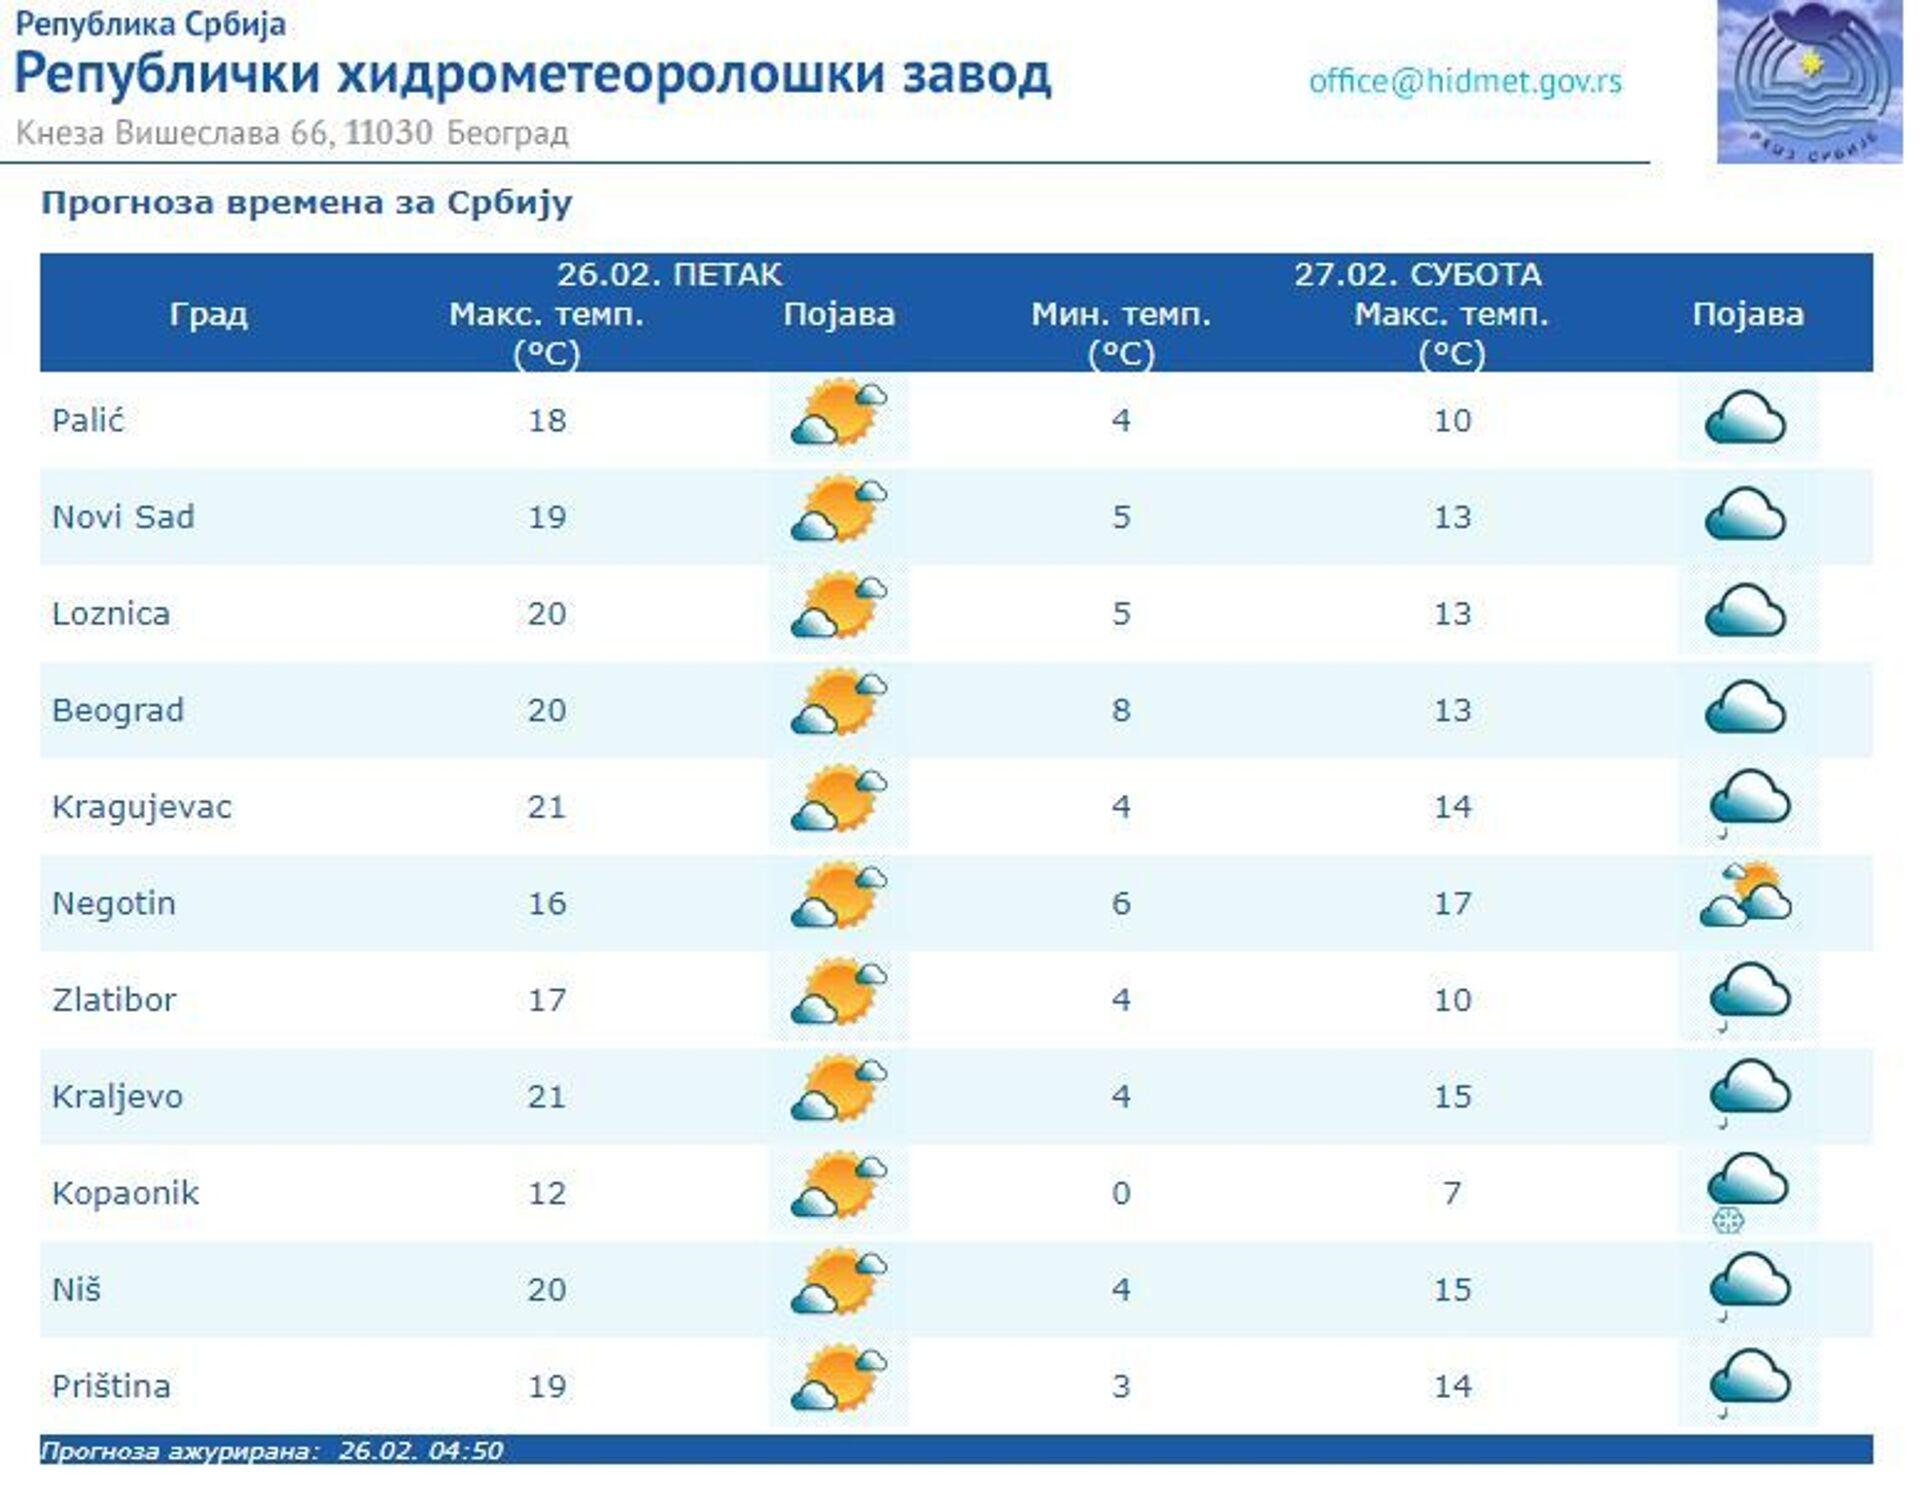 Време данас: Сунчано и топло, до 20 степени, за викенд хладније - Sputnik Србија, 1920, 26.02.2021